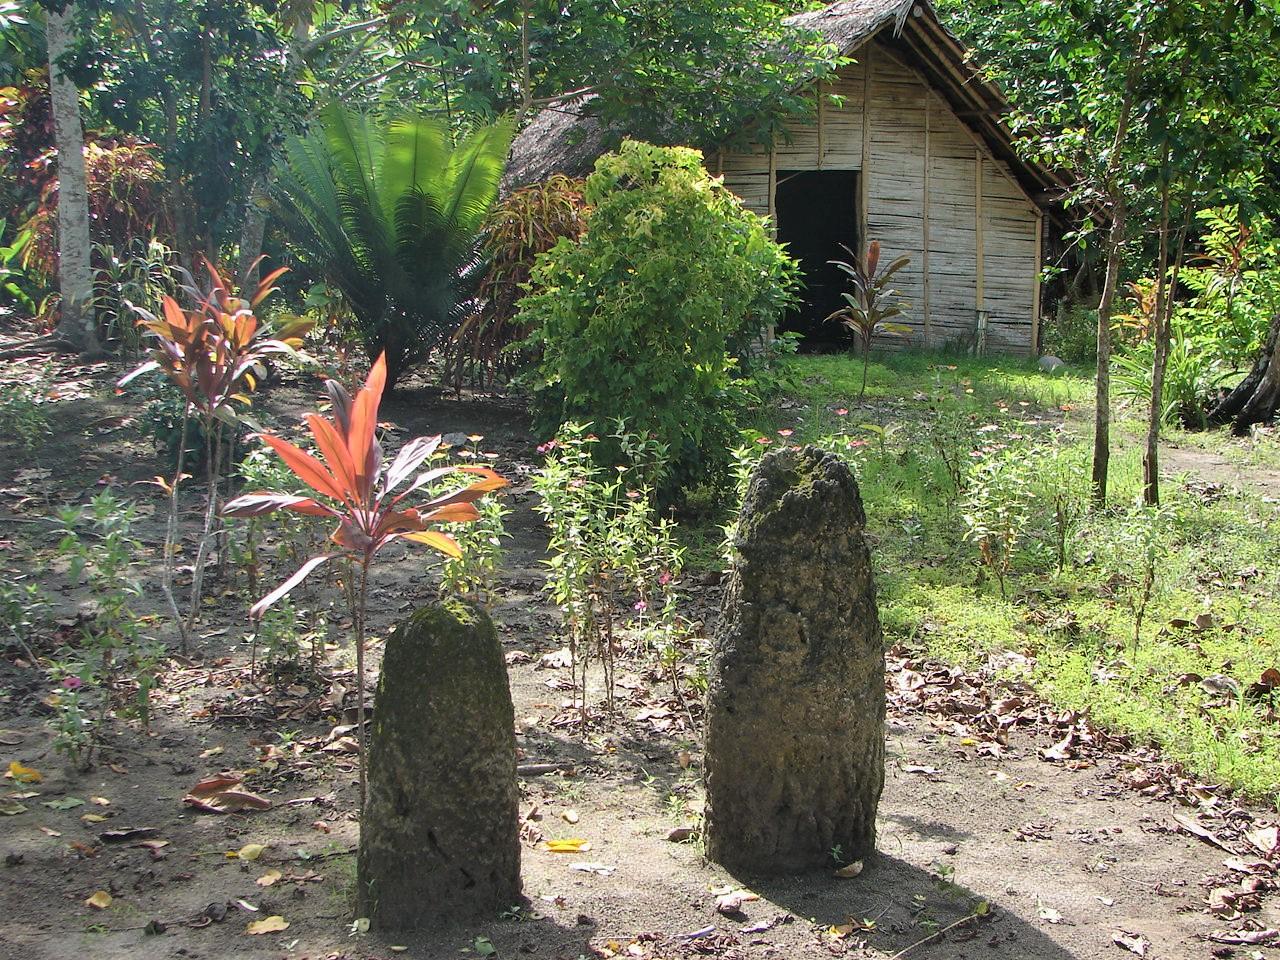 La maison sacrée des initiés (gemoy) est cernée de monolithes sacrés (tuye) dont le pouvoir surnaturel est encore craint de nos jours, janvier 2006. Photo Alexandre François